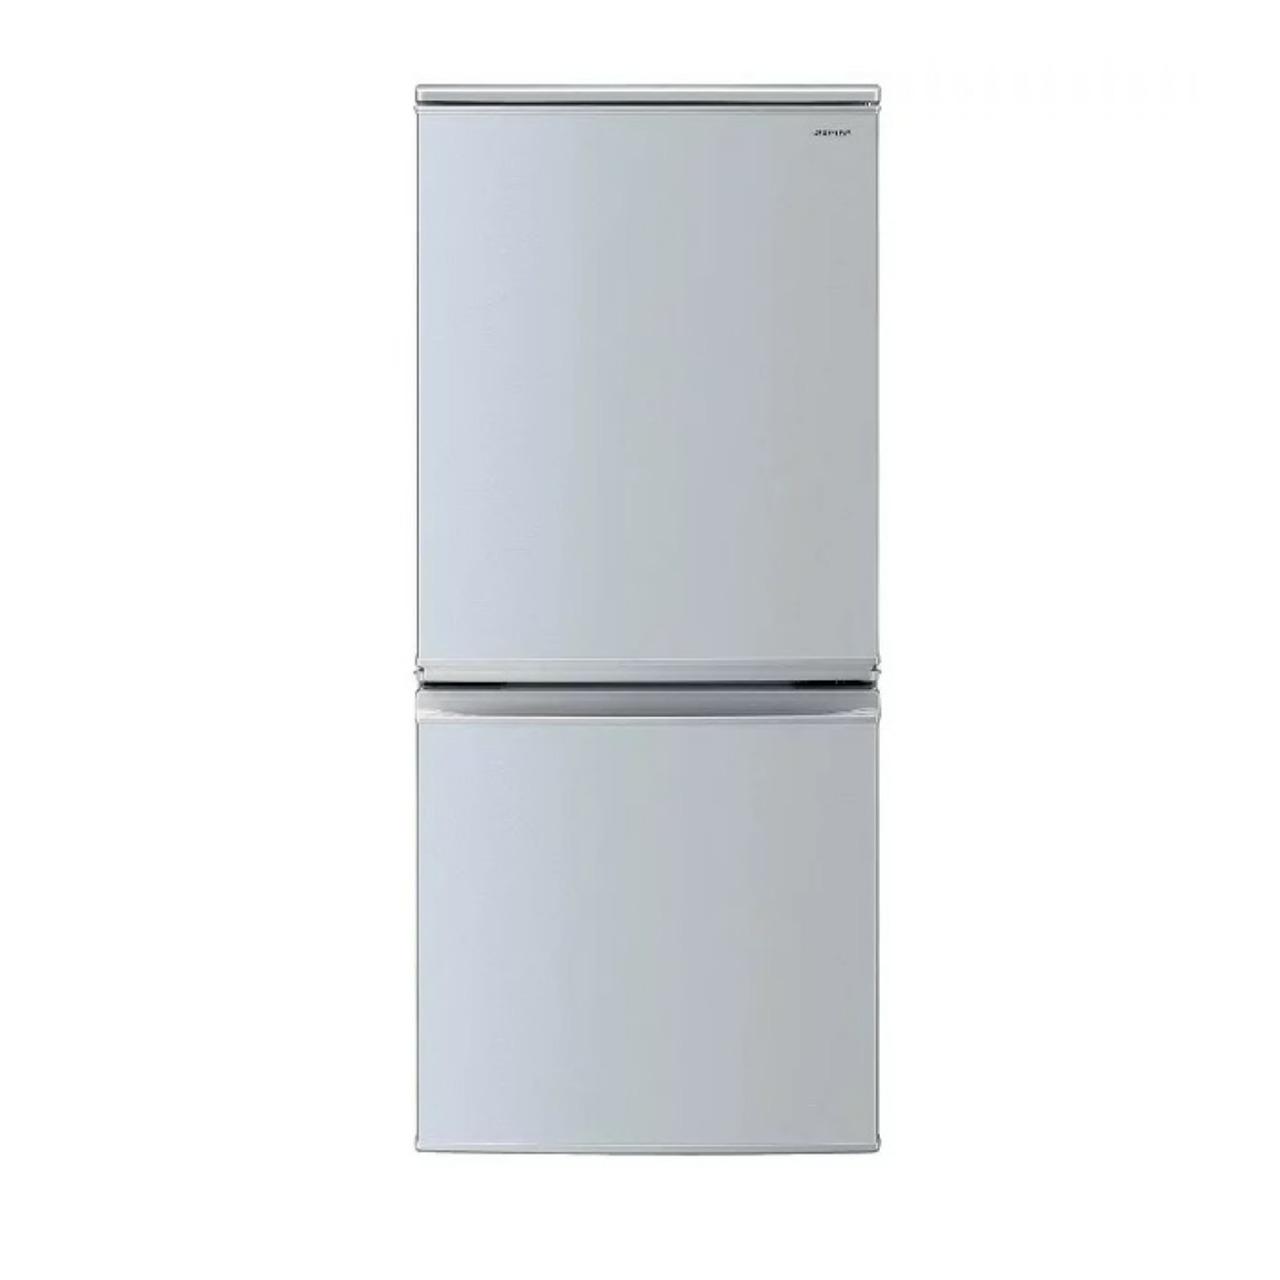 シャープSJ-D14D冷蔵庫